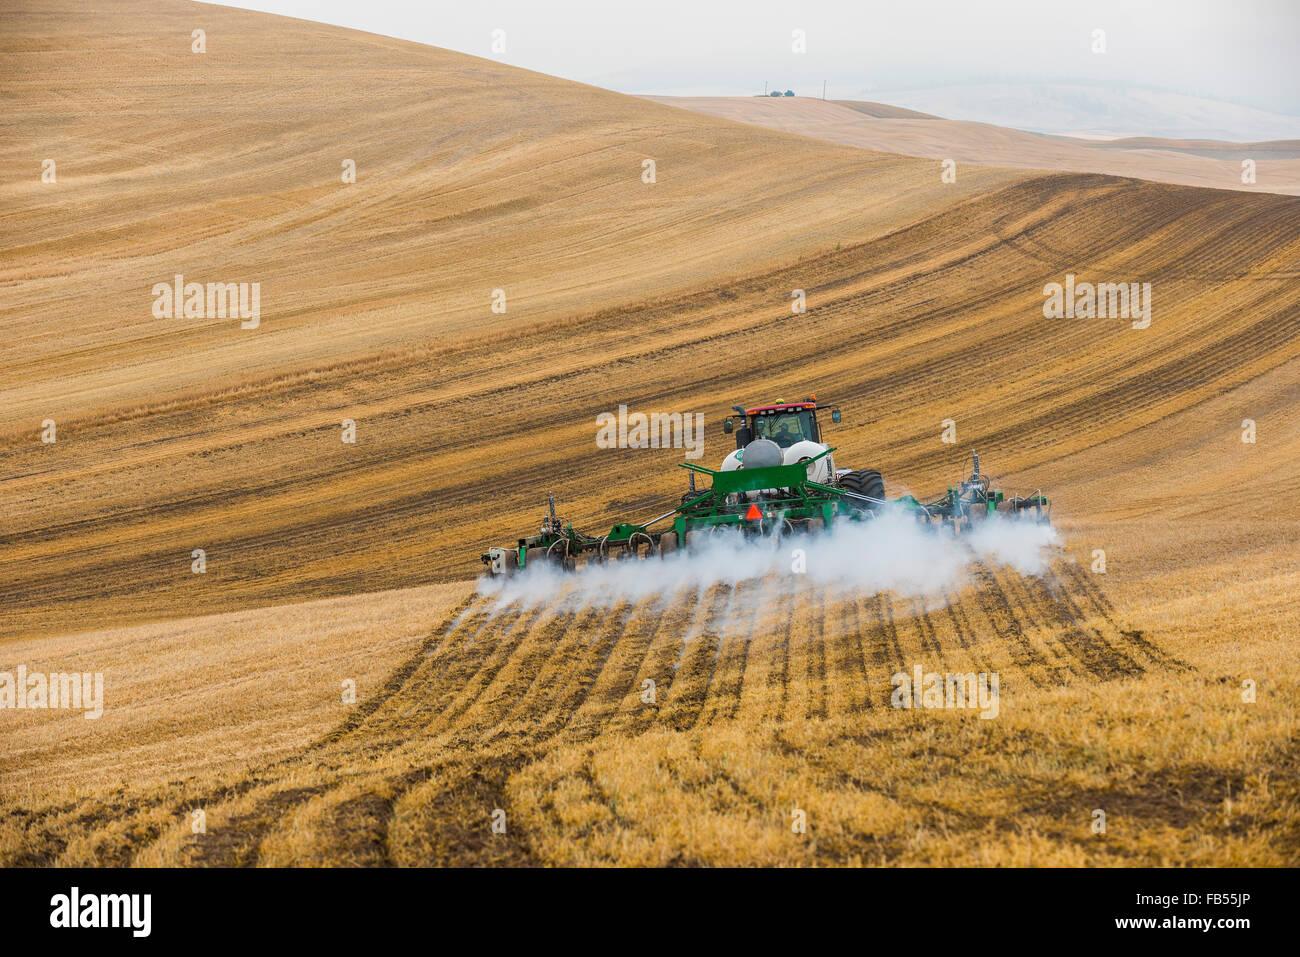 Cas tracteur Quadtrac extraction d'un réservoir d'ammoniac anhydre et l'application de l'applicateur Photo Stock